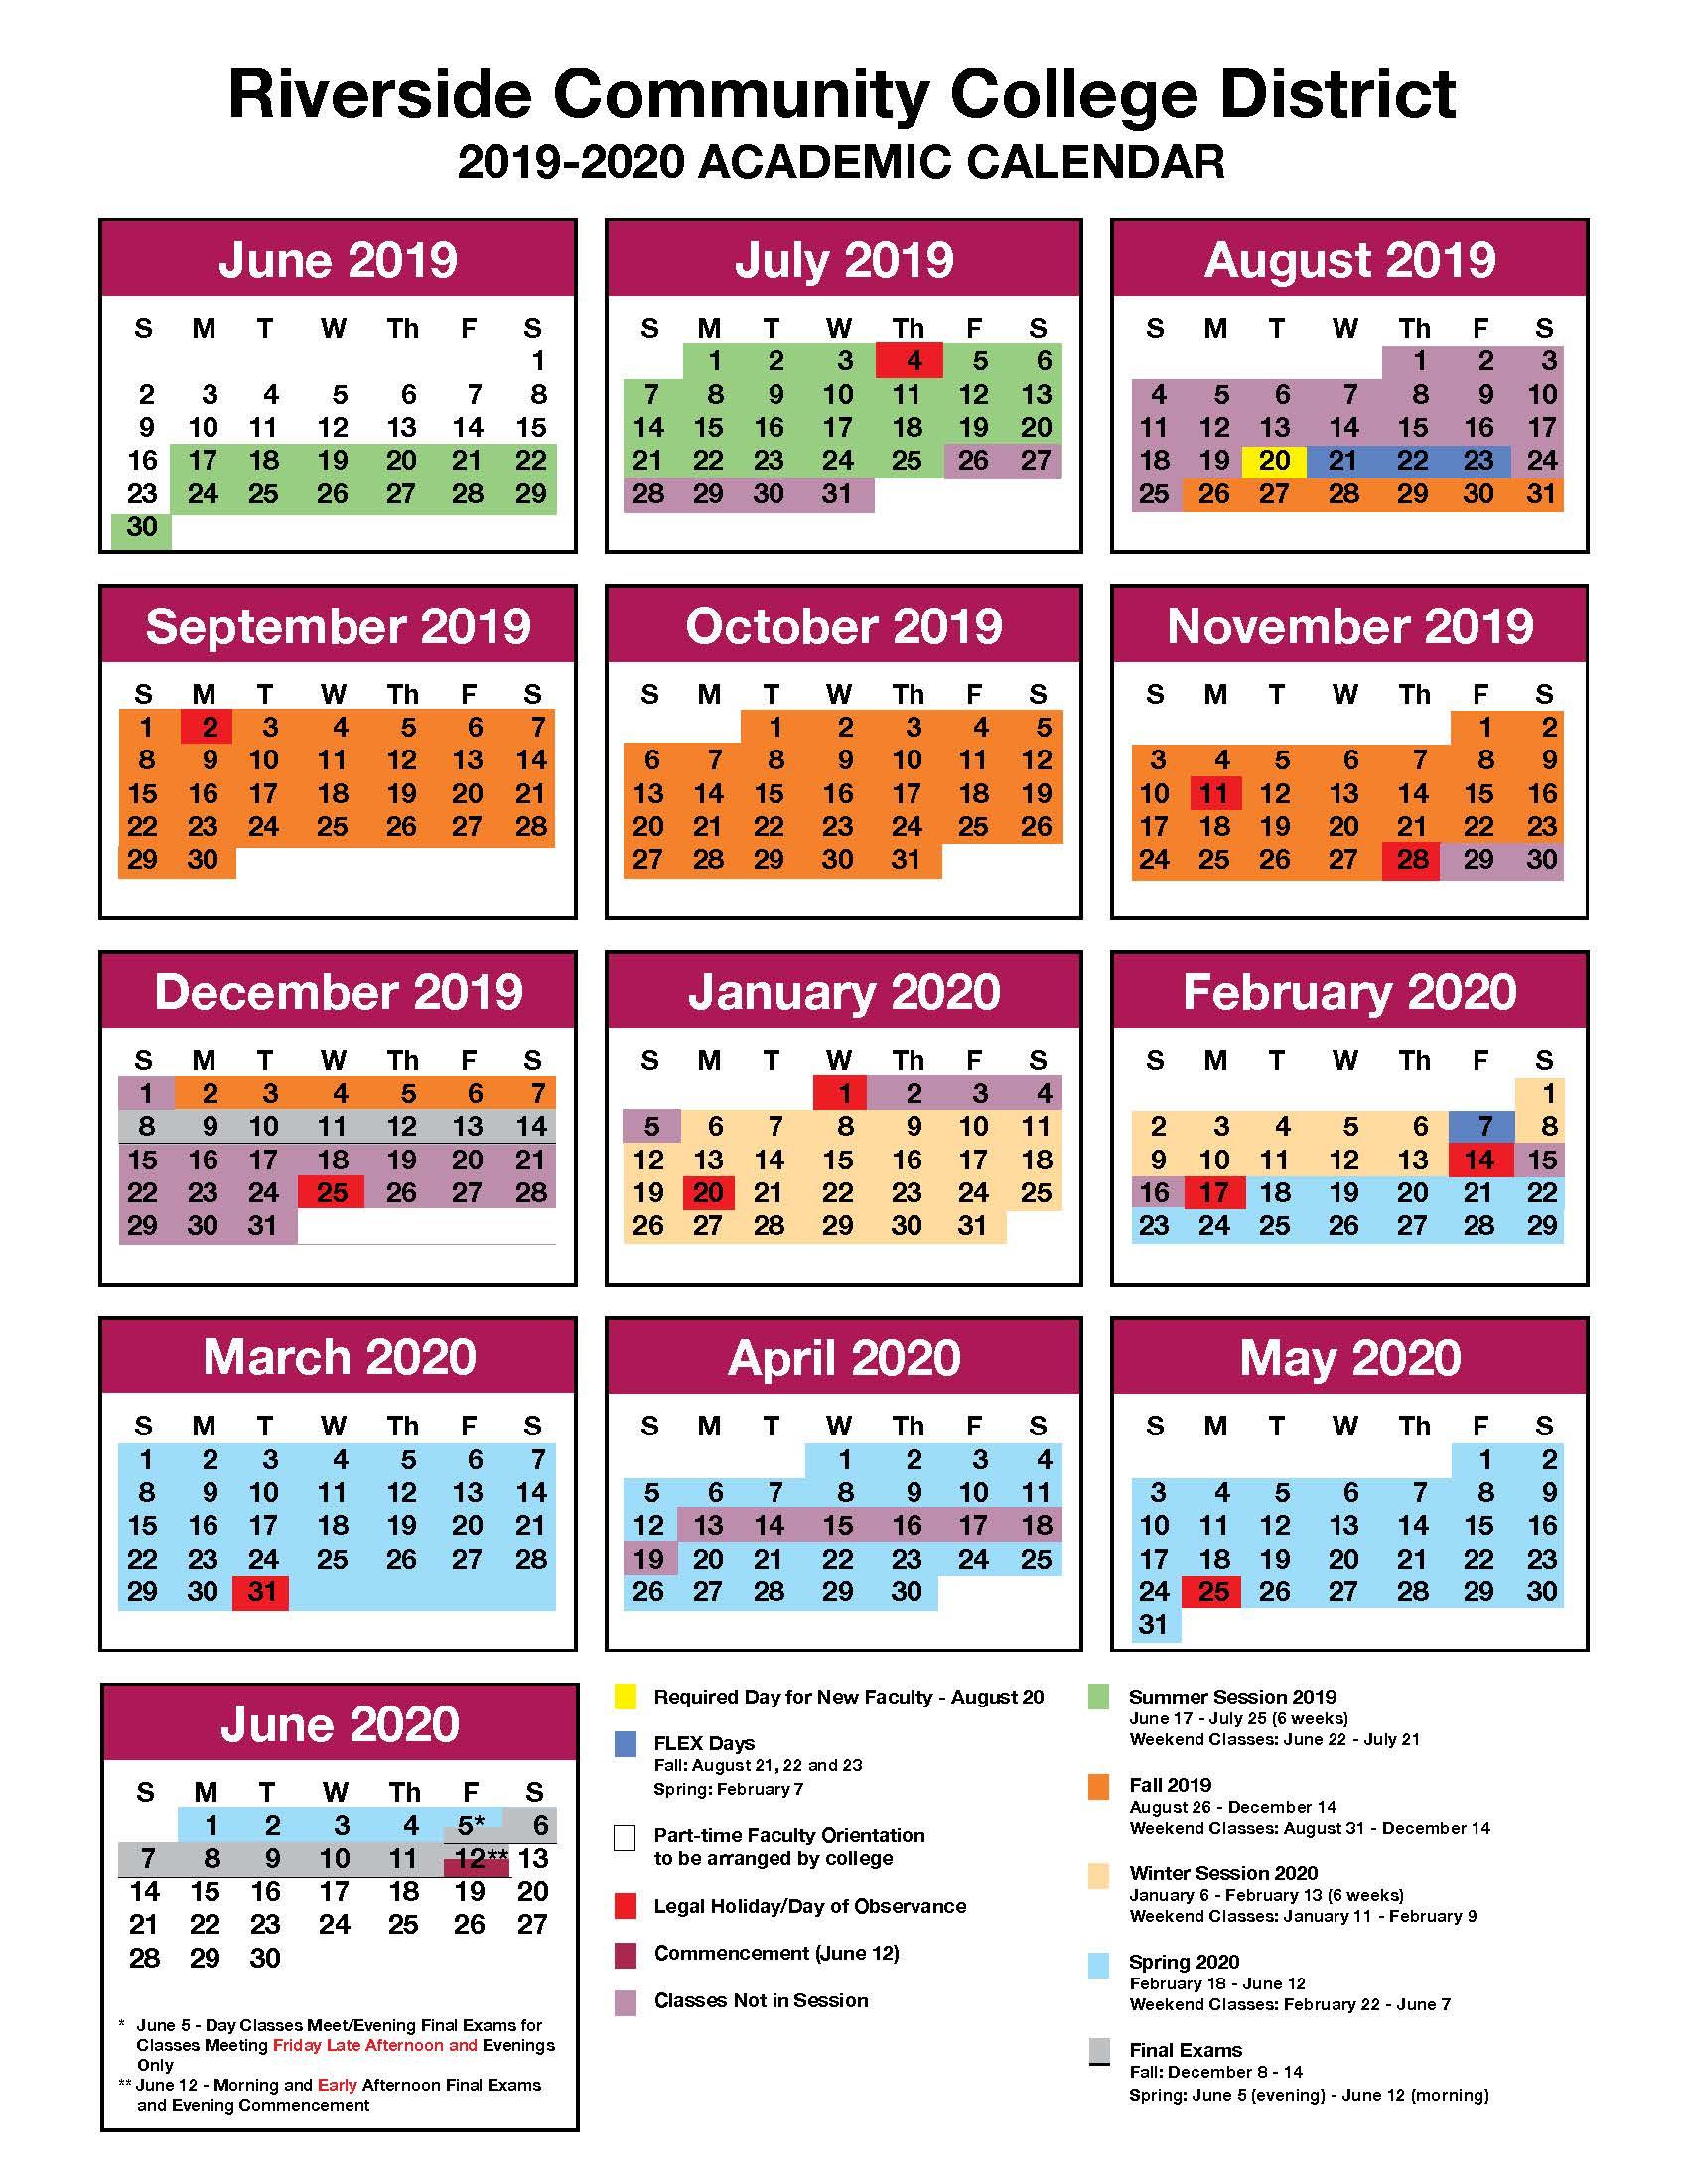 Jfk And Norco College Calendar 2019 2020 - John F. Kennedy Regarding Corona Norco Usd Calendar